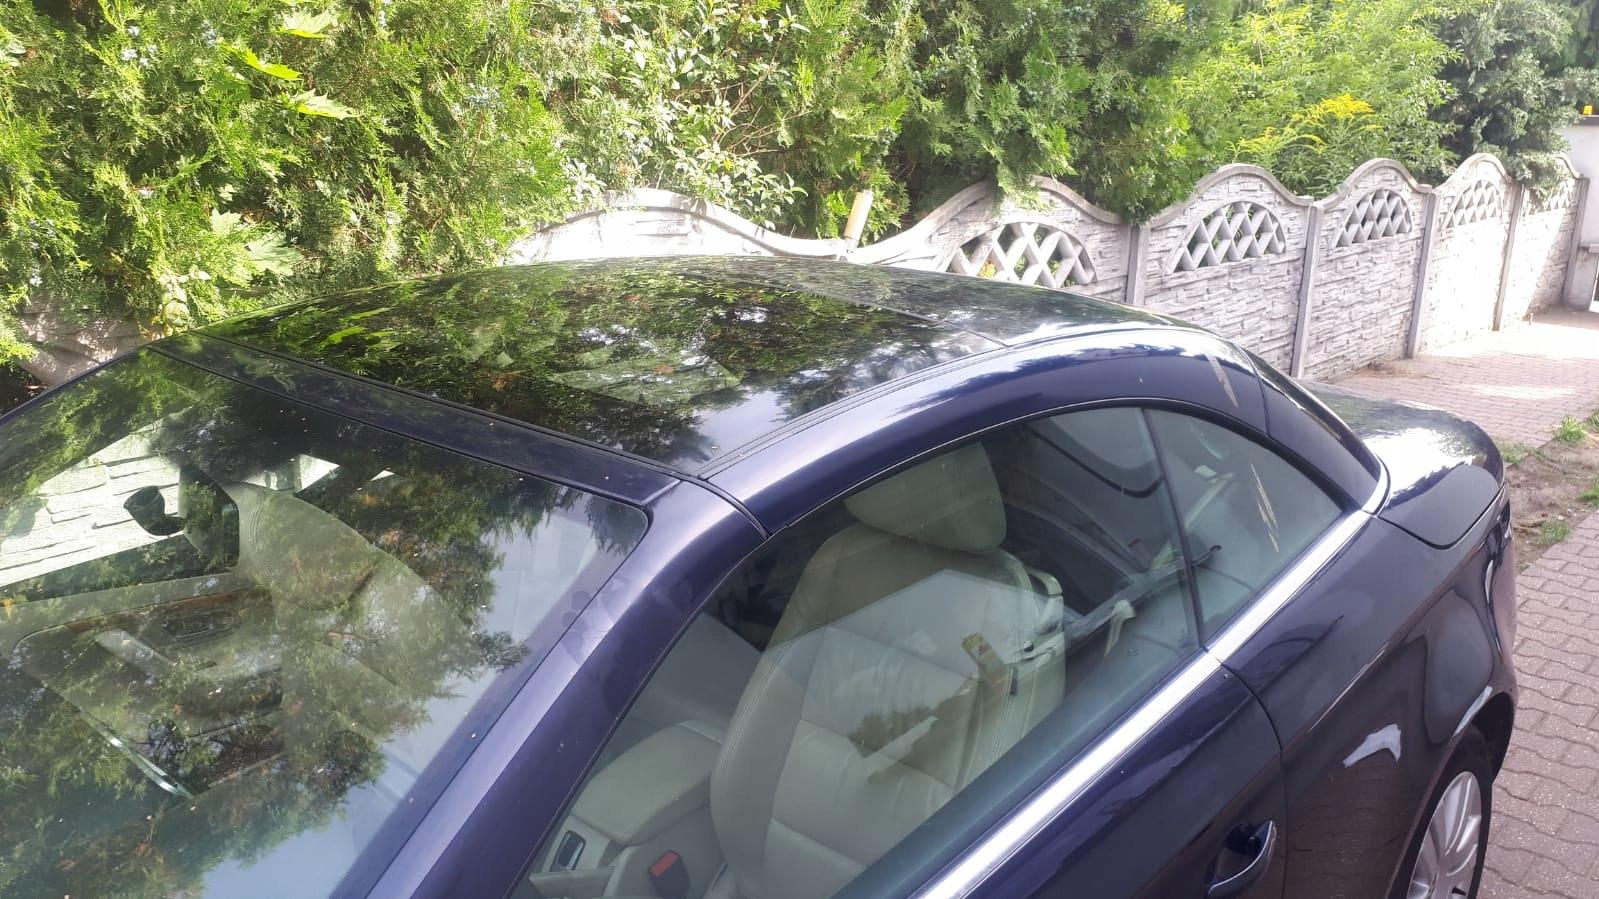 vw eos крыша - части - ремонт крыш eos крыши